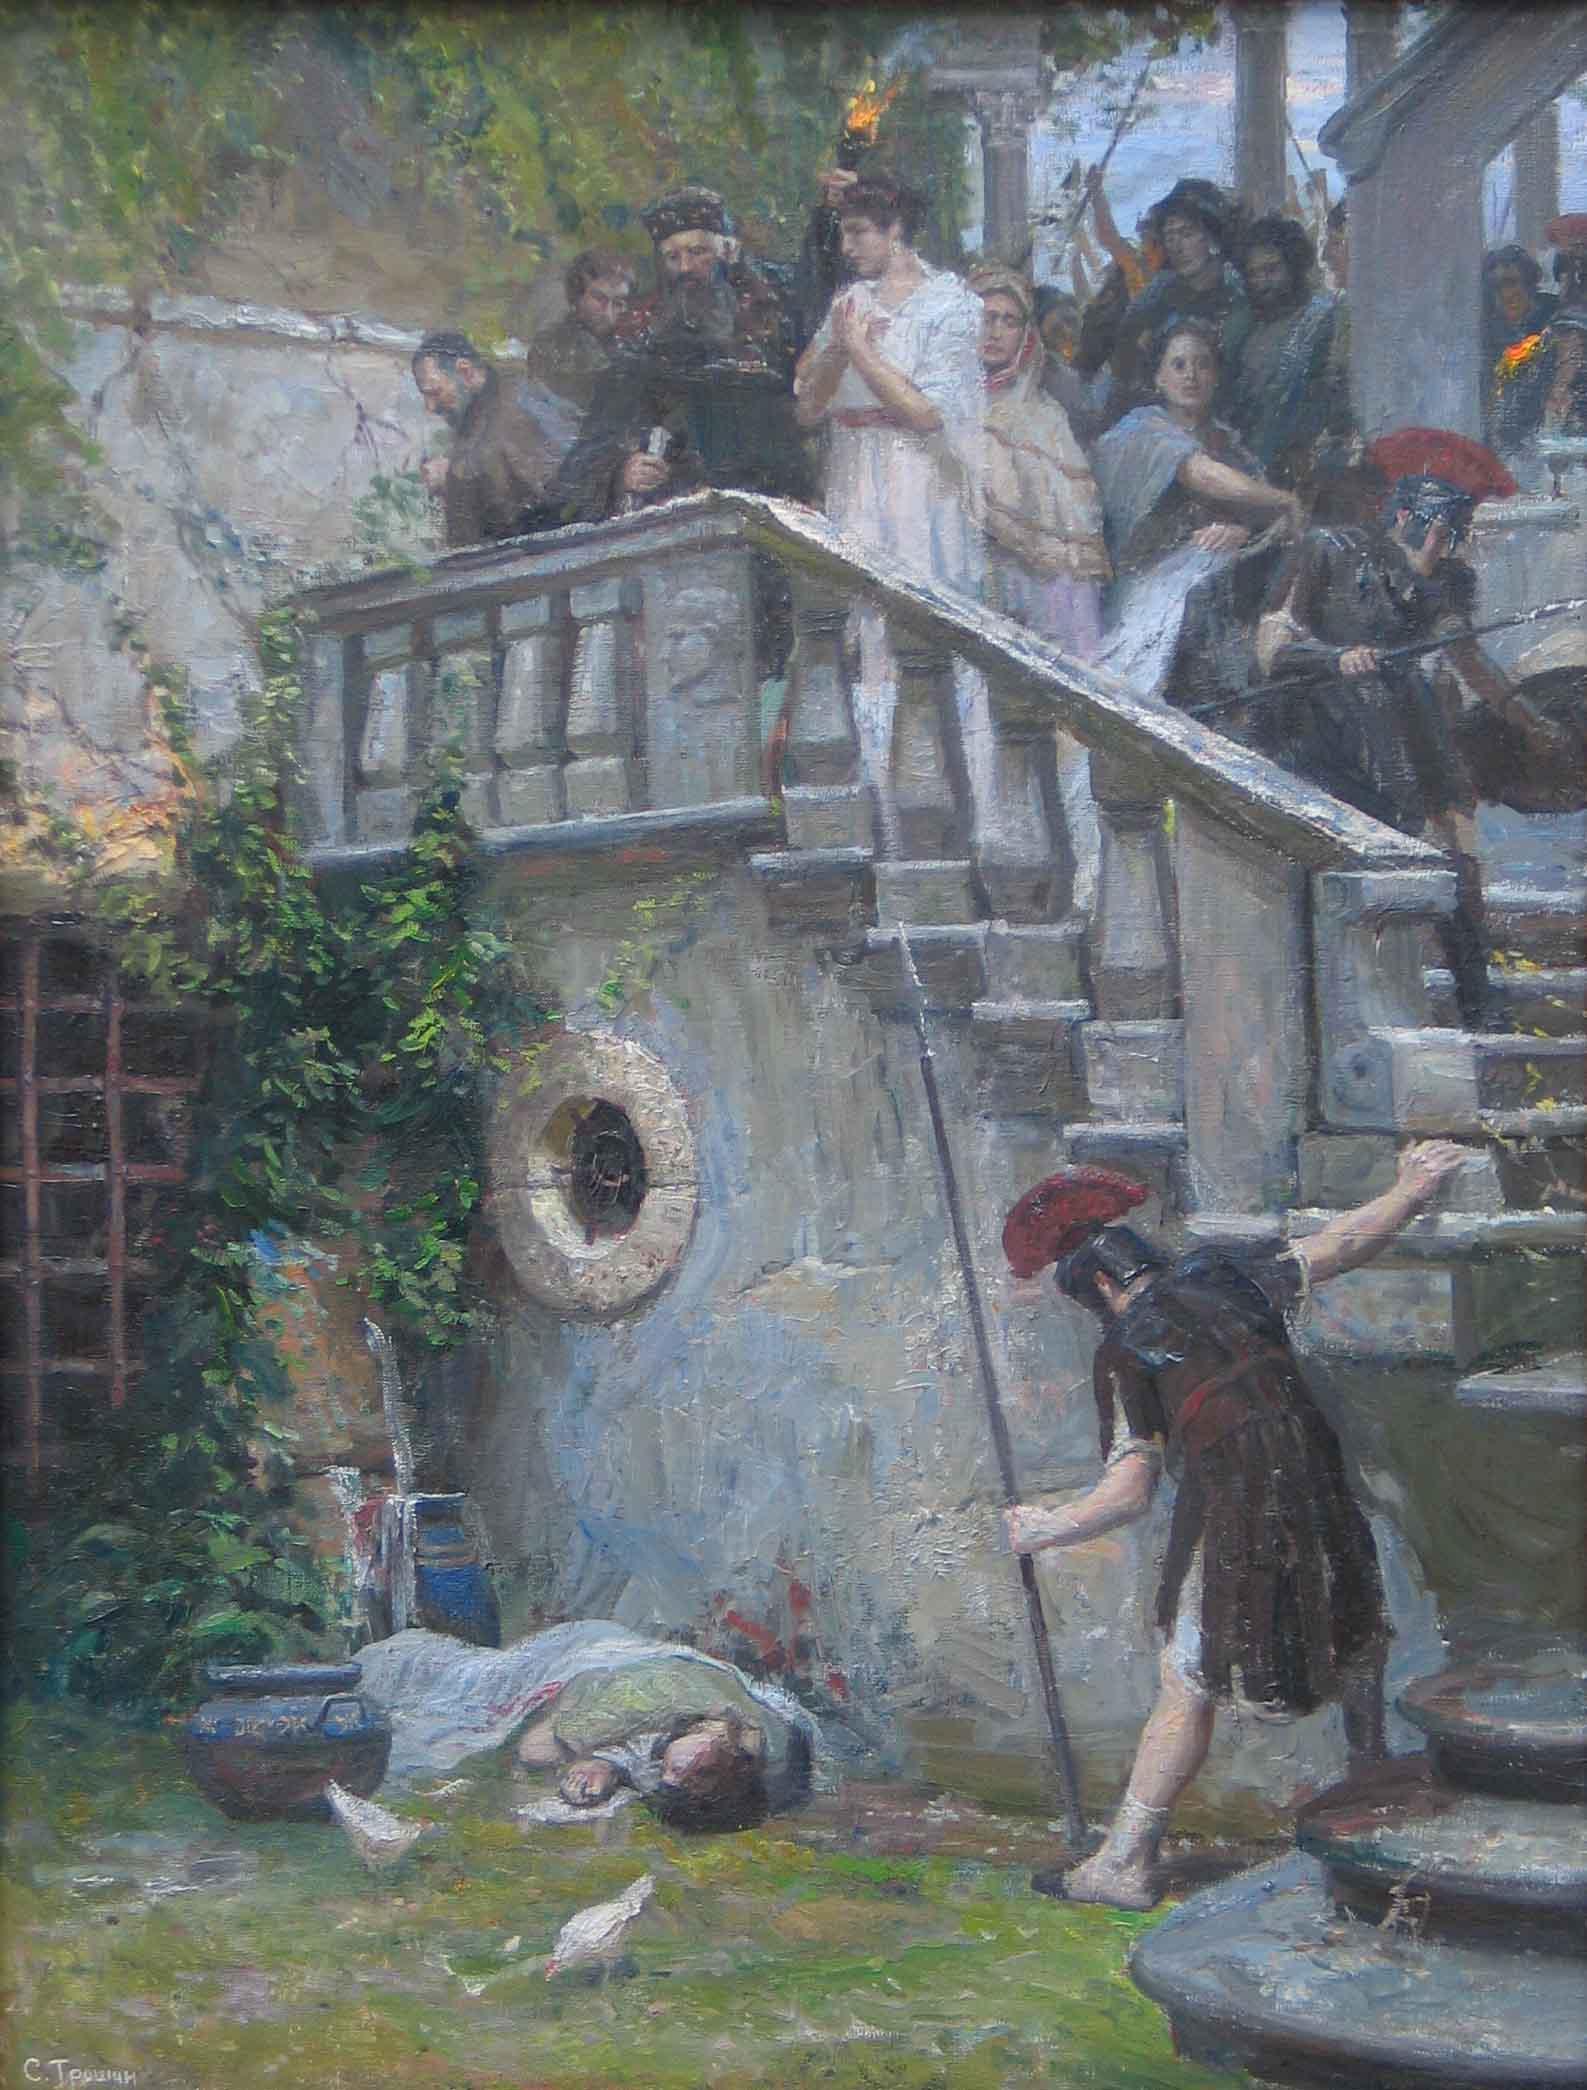 Смерть Нерона. Сергей Трошин, 2004. Вас ничем не смущает центурион, стоящий внизу около трупа?